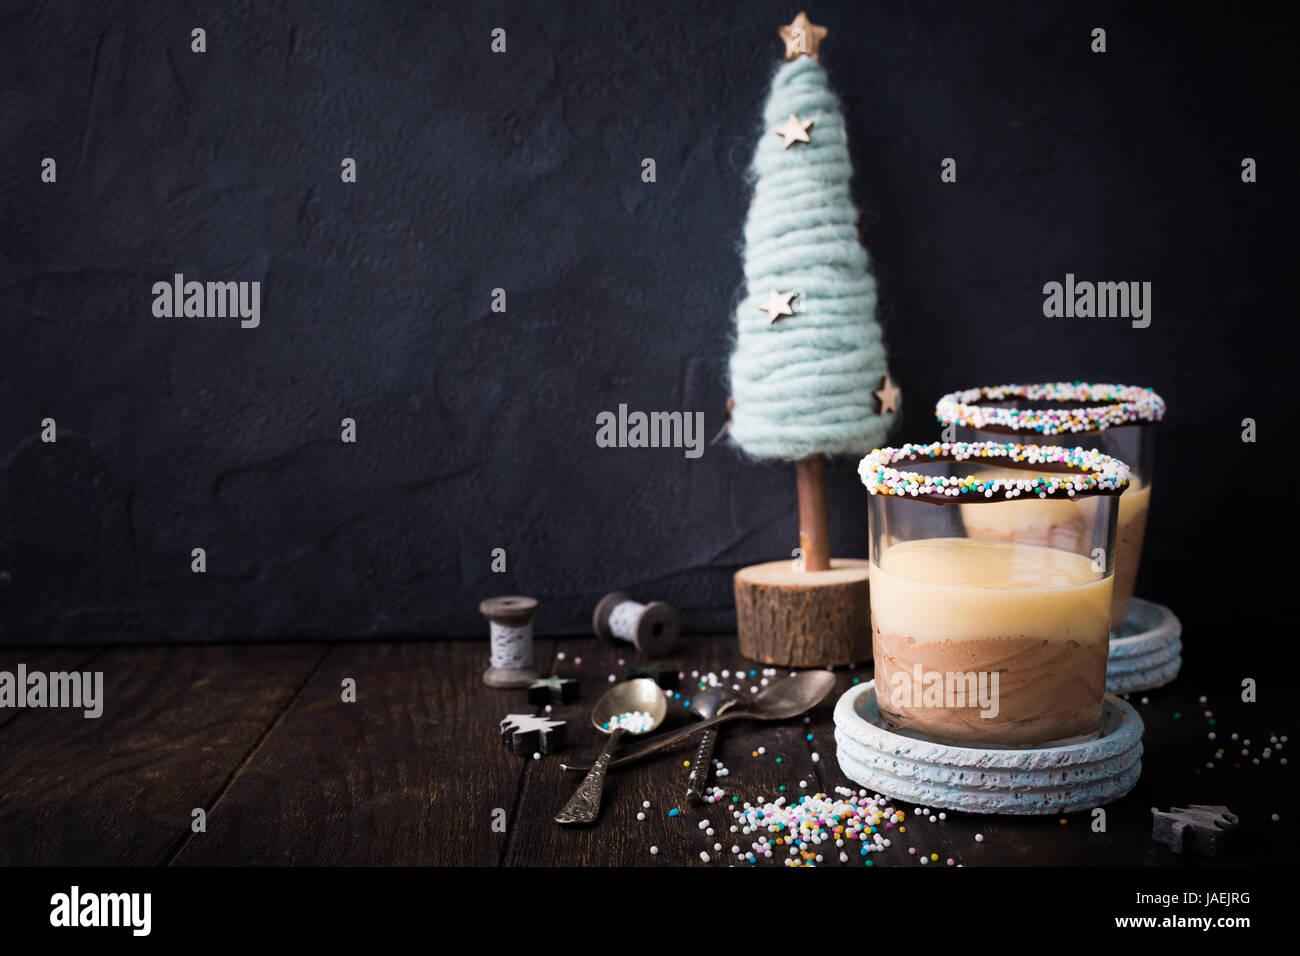 Dolce al cioccolato con crema pasticcera. Immagini Stock